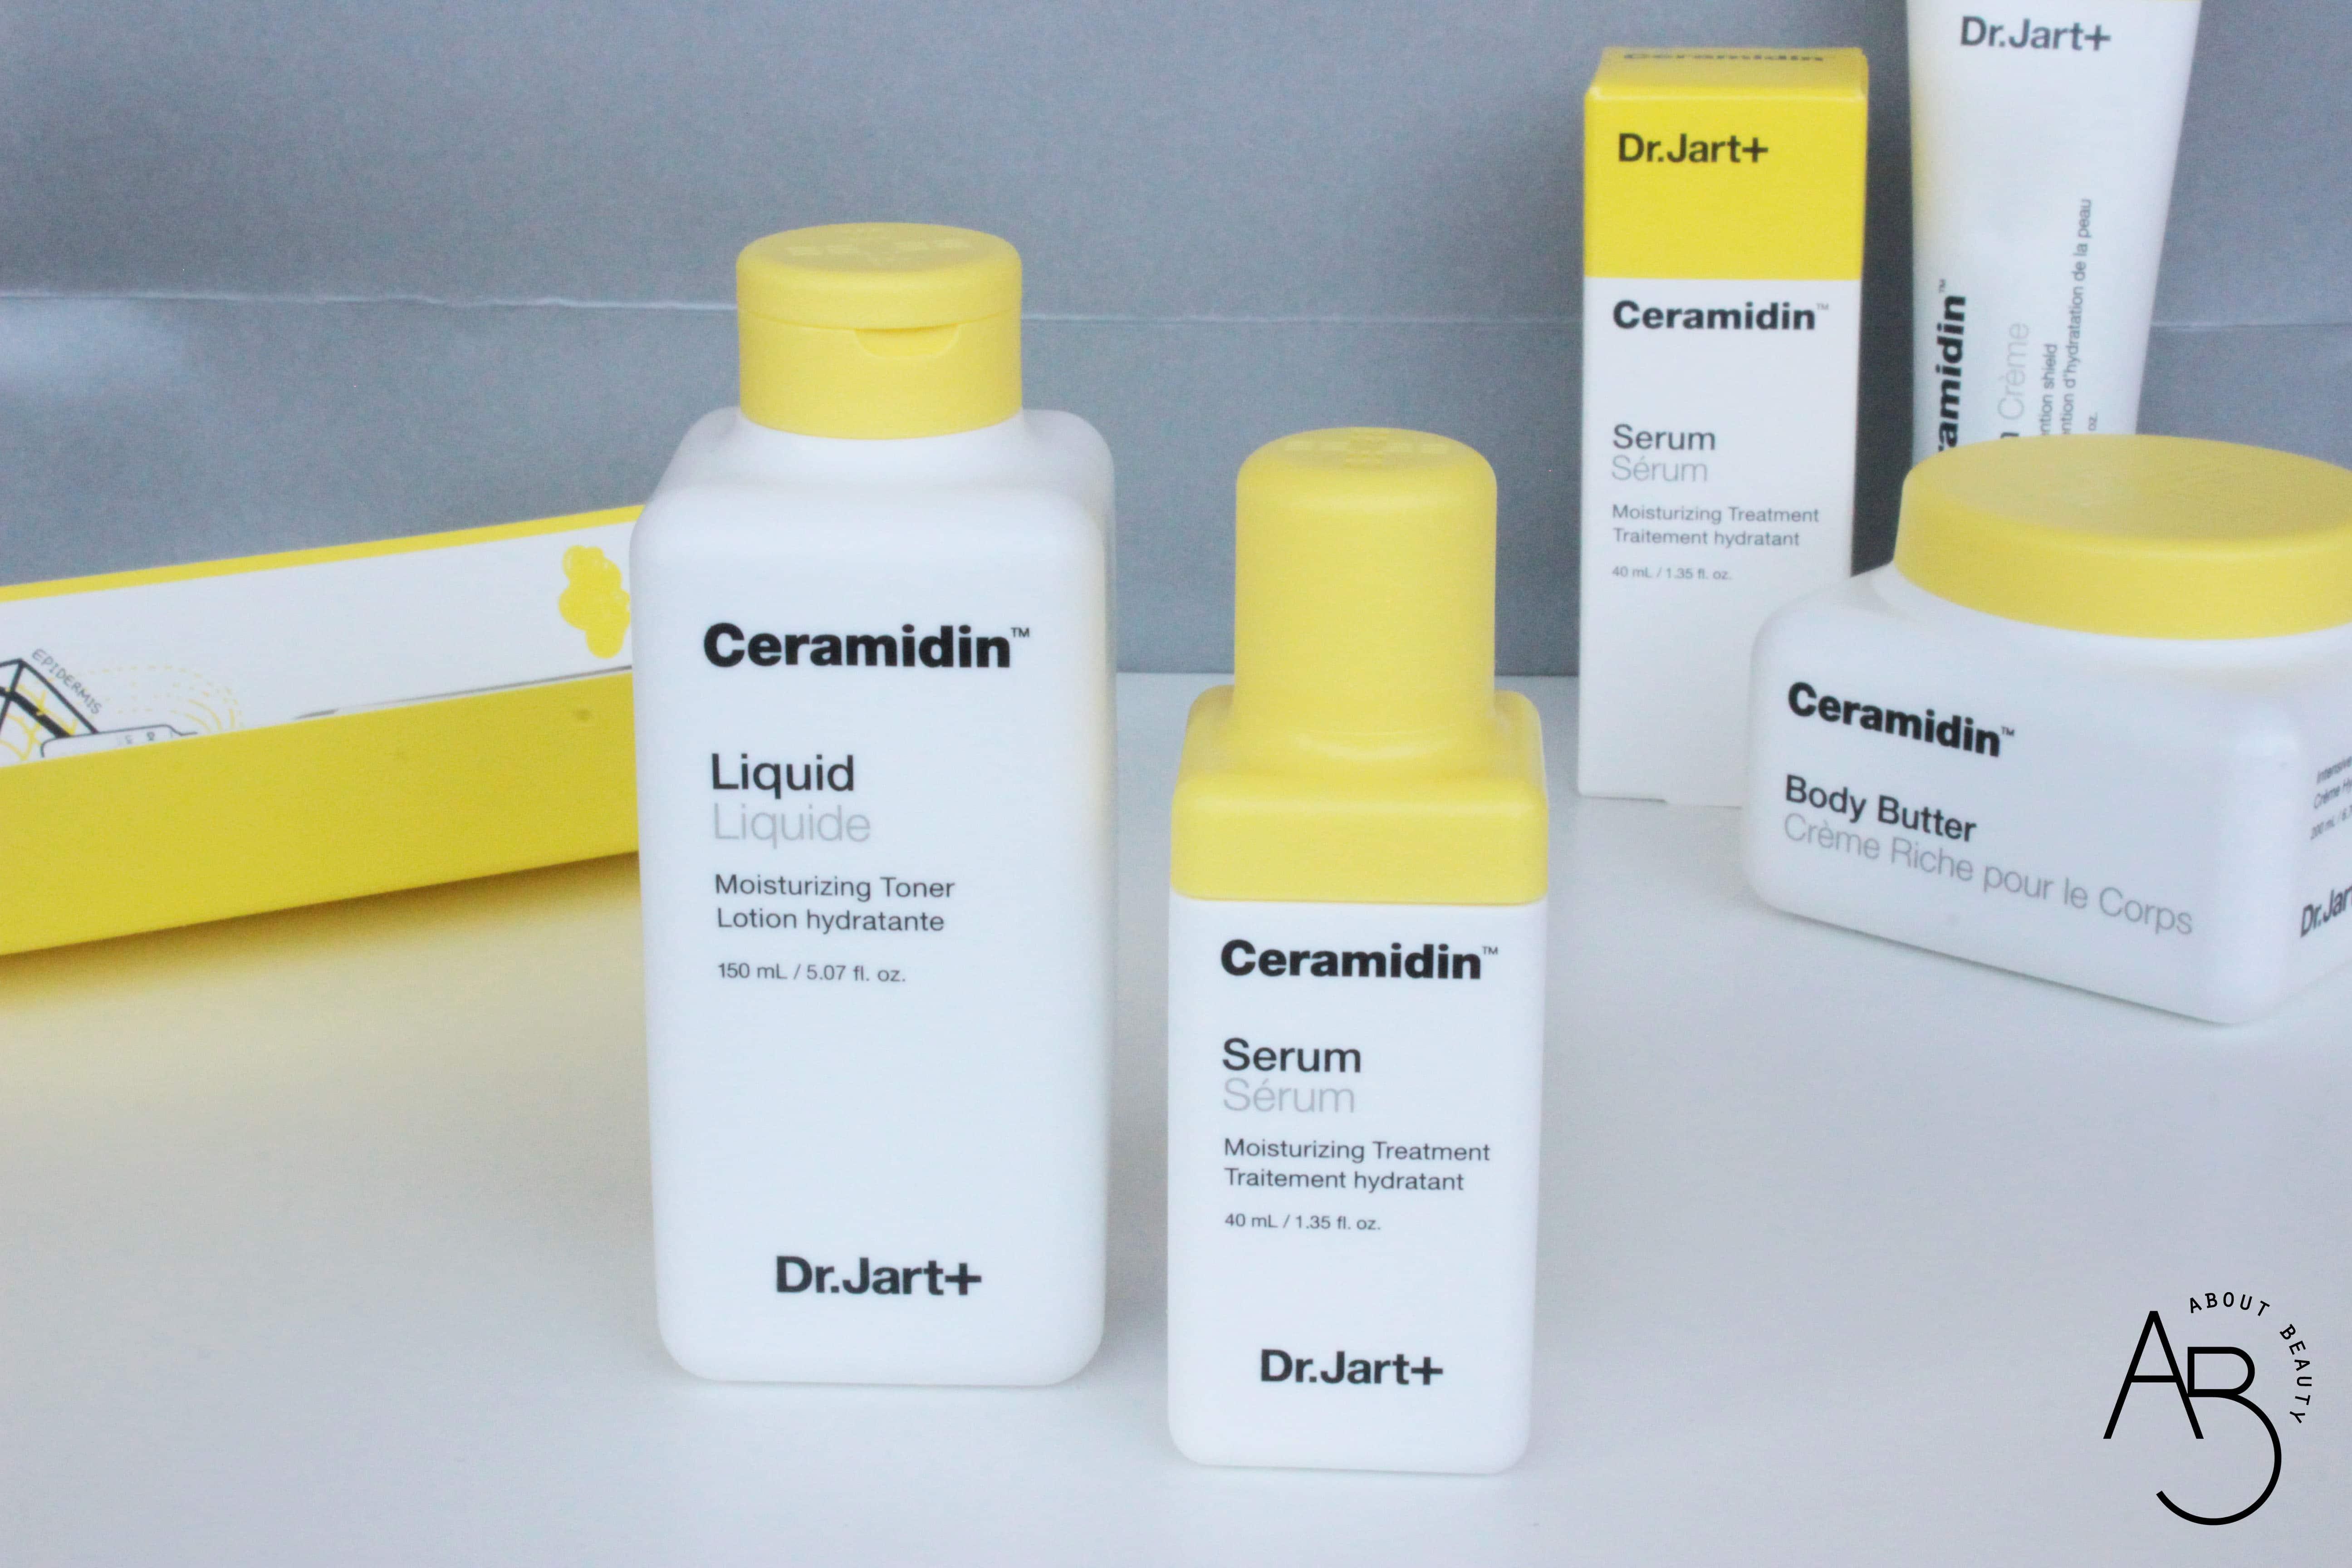 Dr.Jart Ceramidin pelle secca e disidratata - Info, opinioni, prezzo, dove acquistare, review, recensione - Liquid Moisturizing Toner Serum Moisturizing Treatment